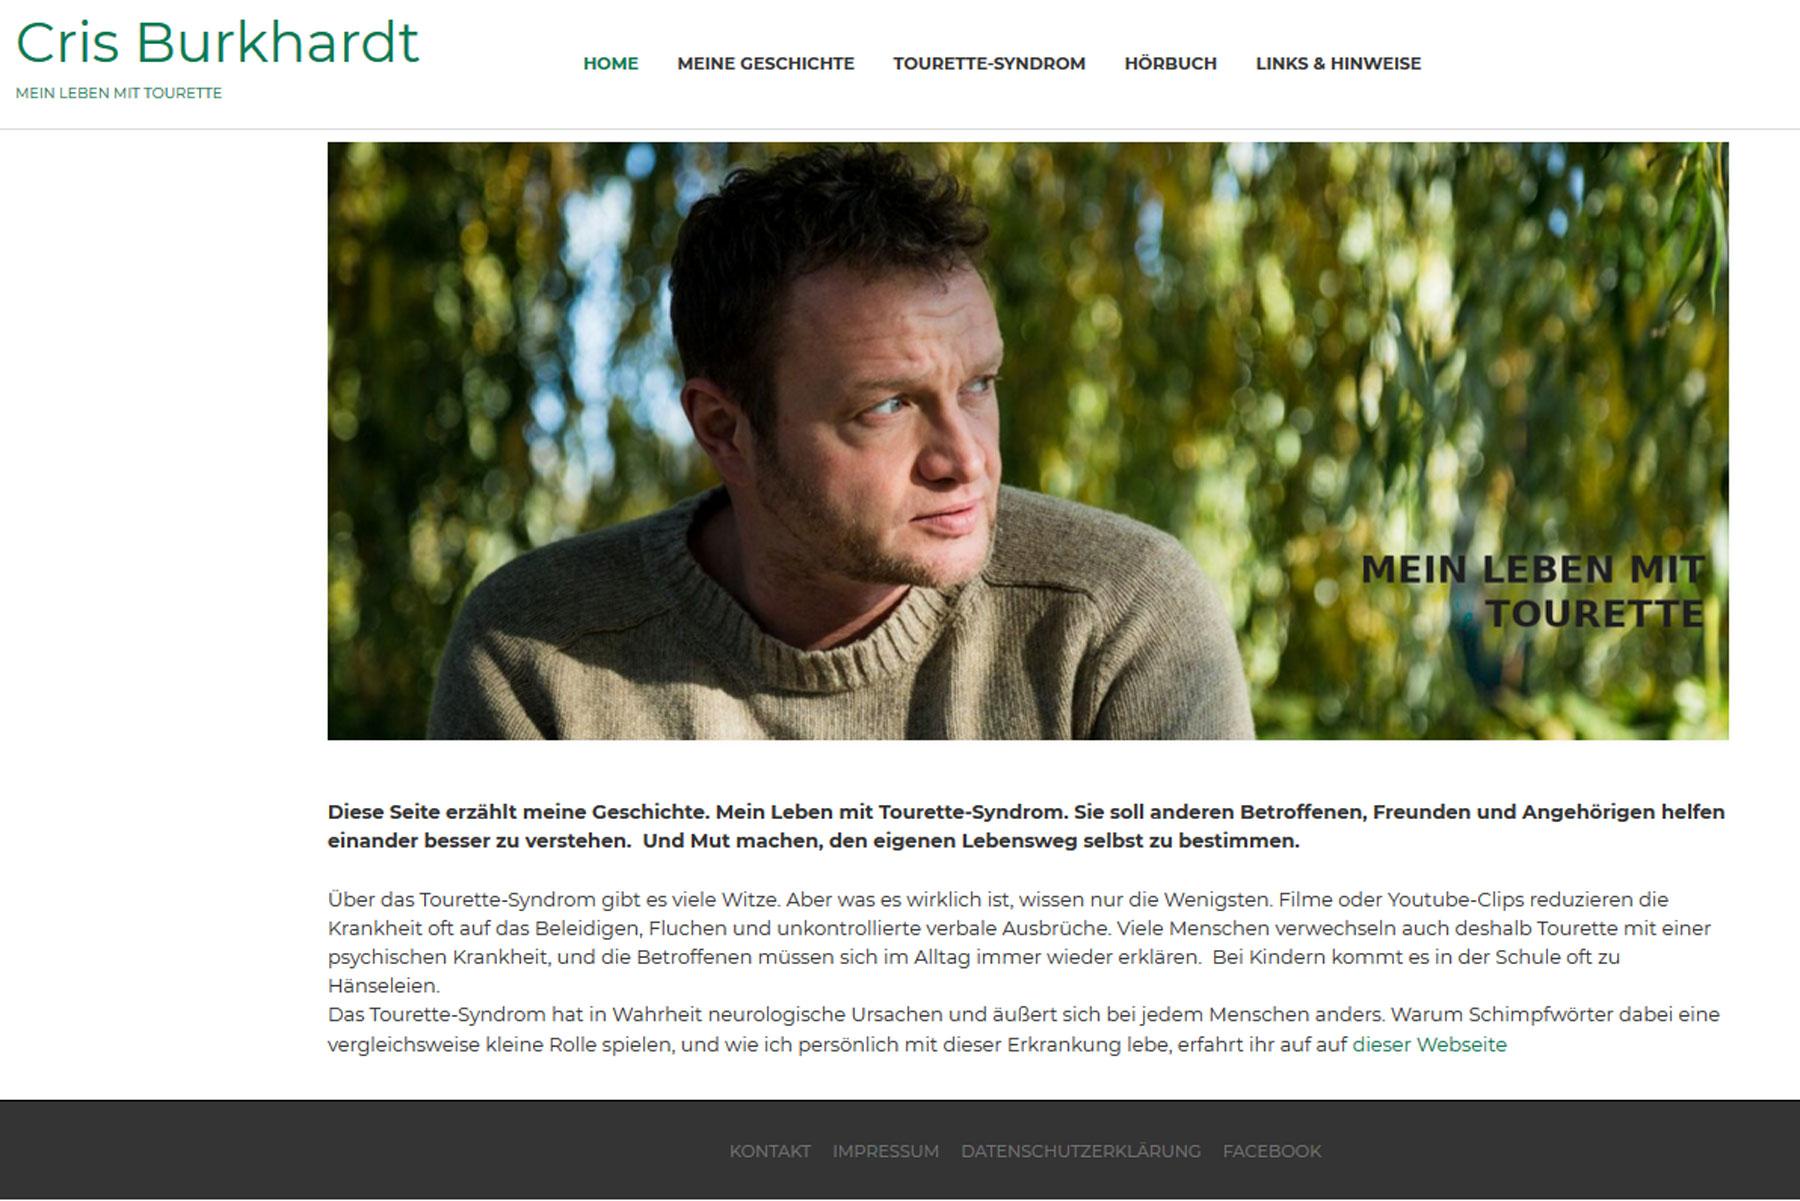 Cris Burkhardt: Mein Leben mit Tourette. Praxisprojekt von Katrin Kalinkus in der CZB-Fortbildung Content- und Social-Media-Management